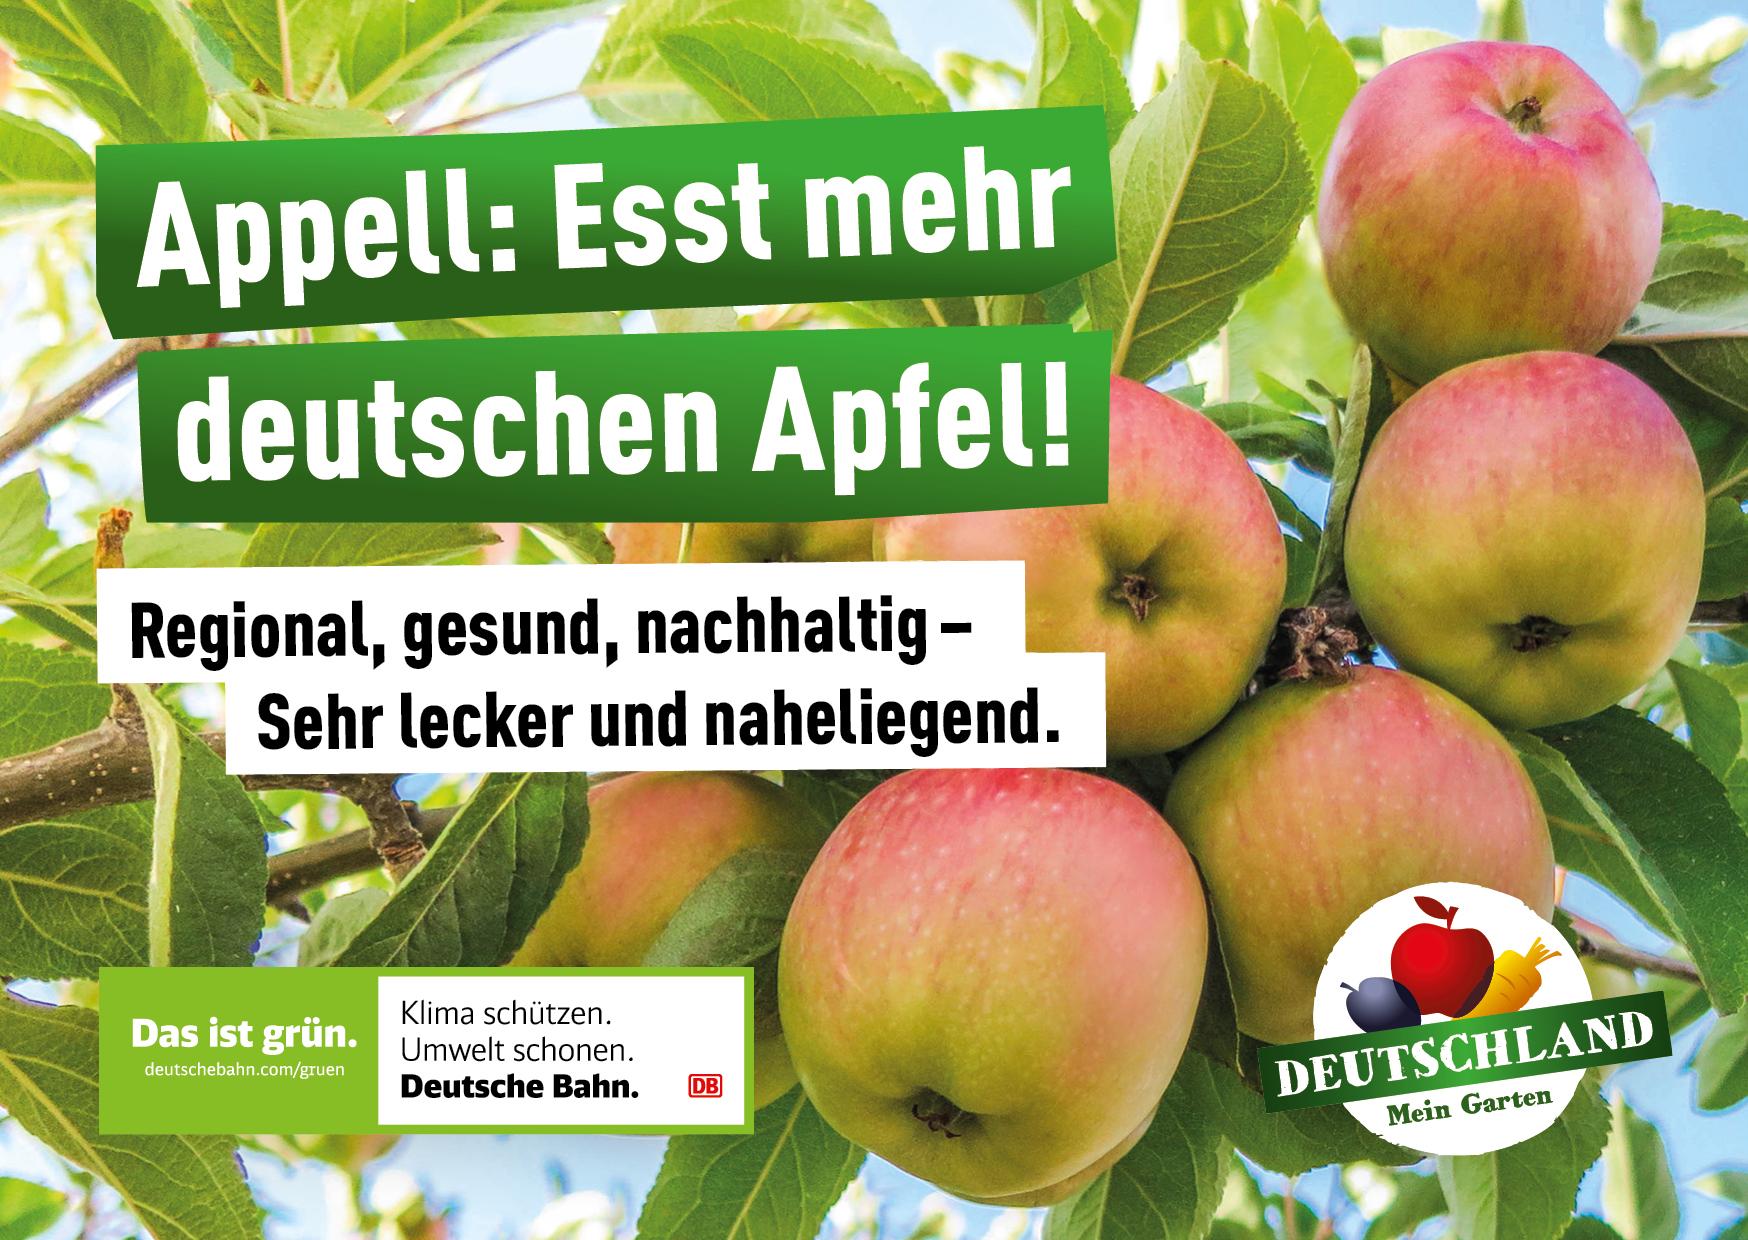 Mein garten  Pressemitteilung Deutschland - Mein Garten (eine Initiative der ...